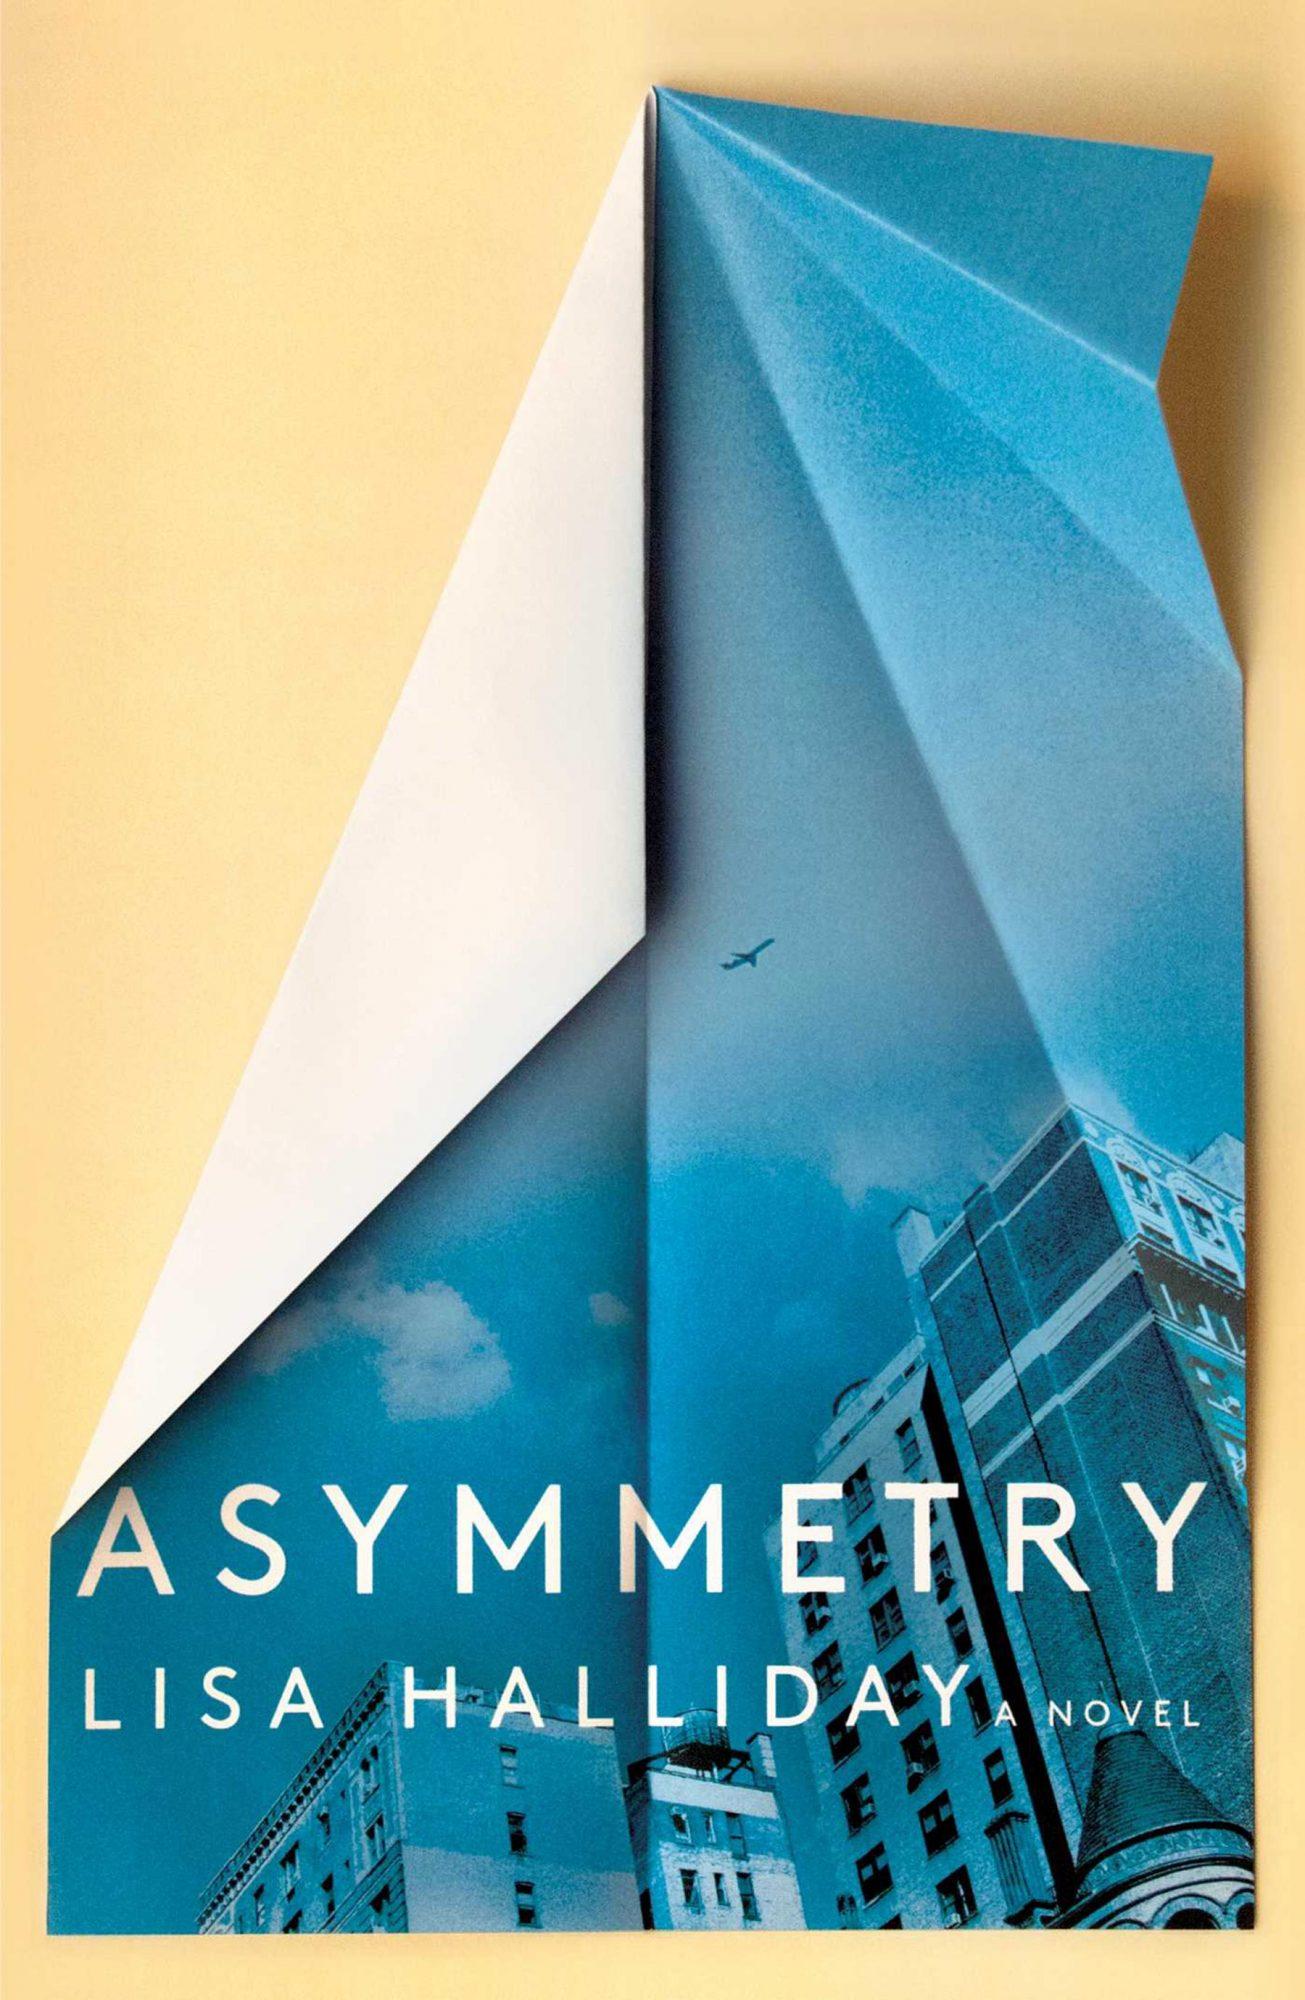 ASYMMETRY2018LISA HALLIDAY